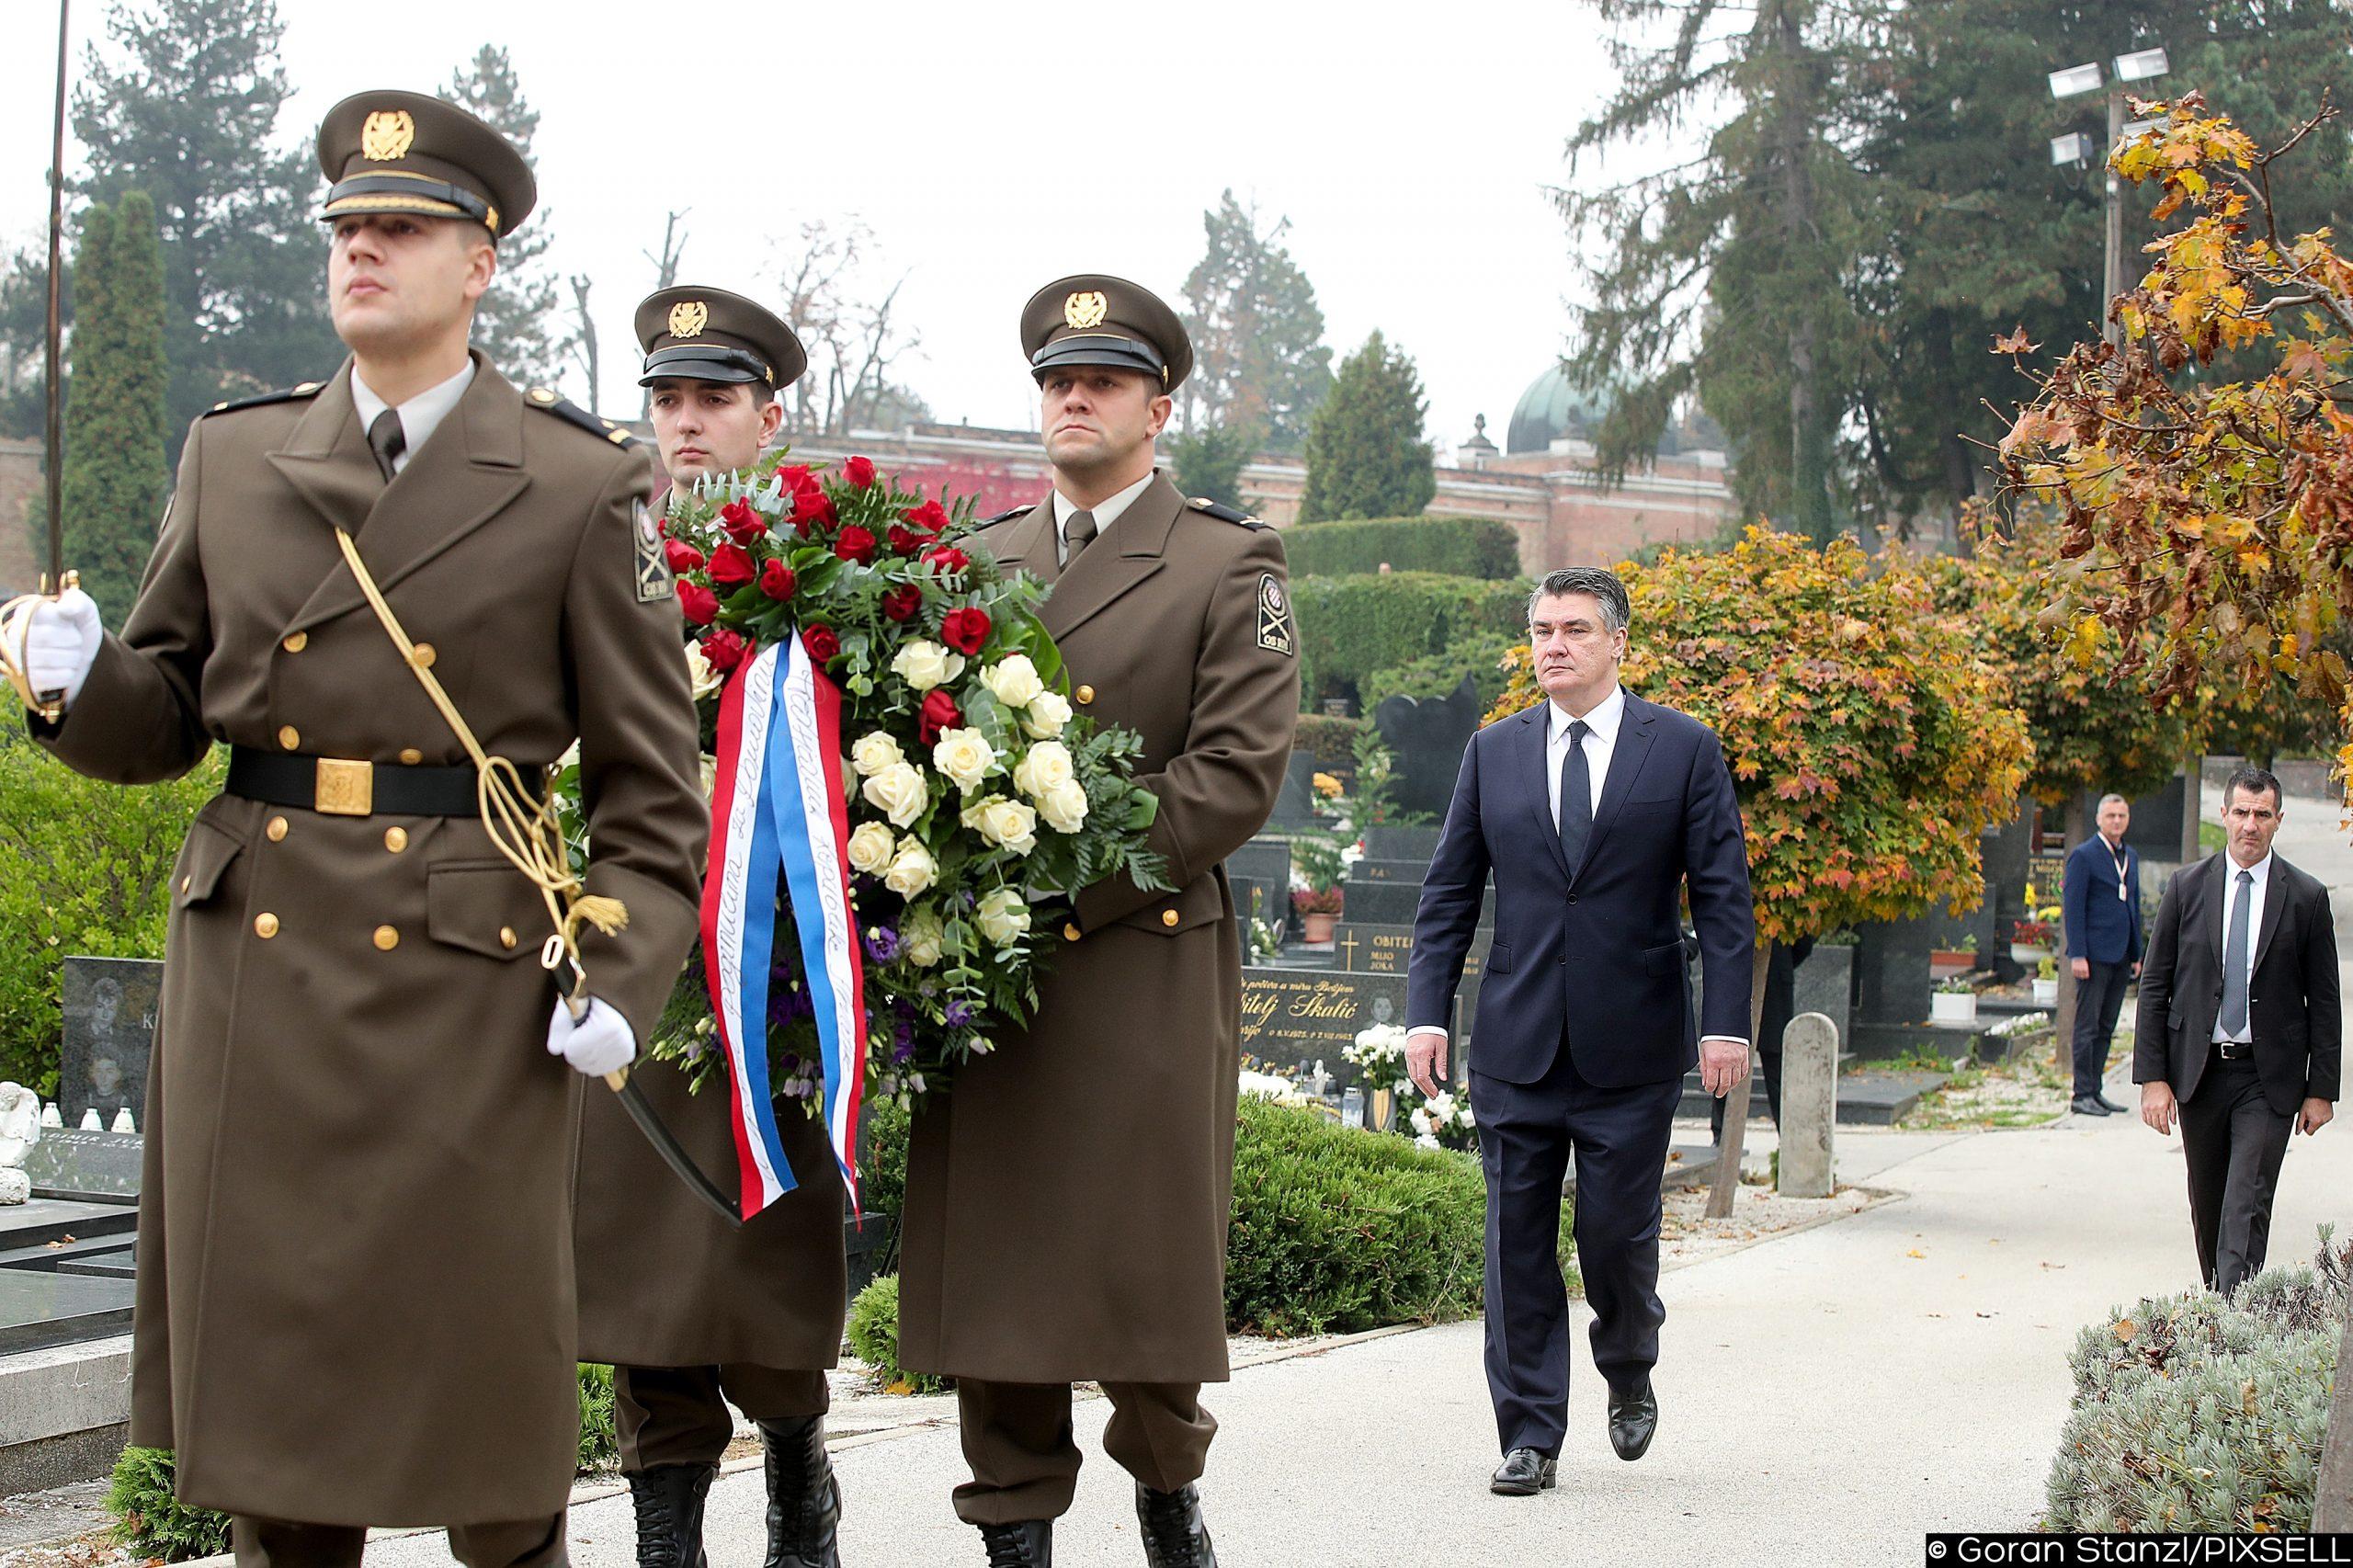 : Pozvao premijera i predsjednika Sabora da svi zajedno jučer odaju počast poginulima - Zoran Milanović / Foto GORAN STANZL/PIXSELL